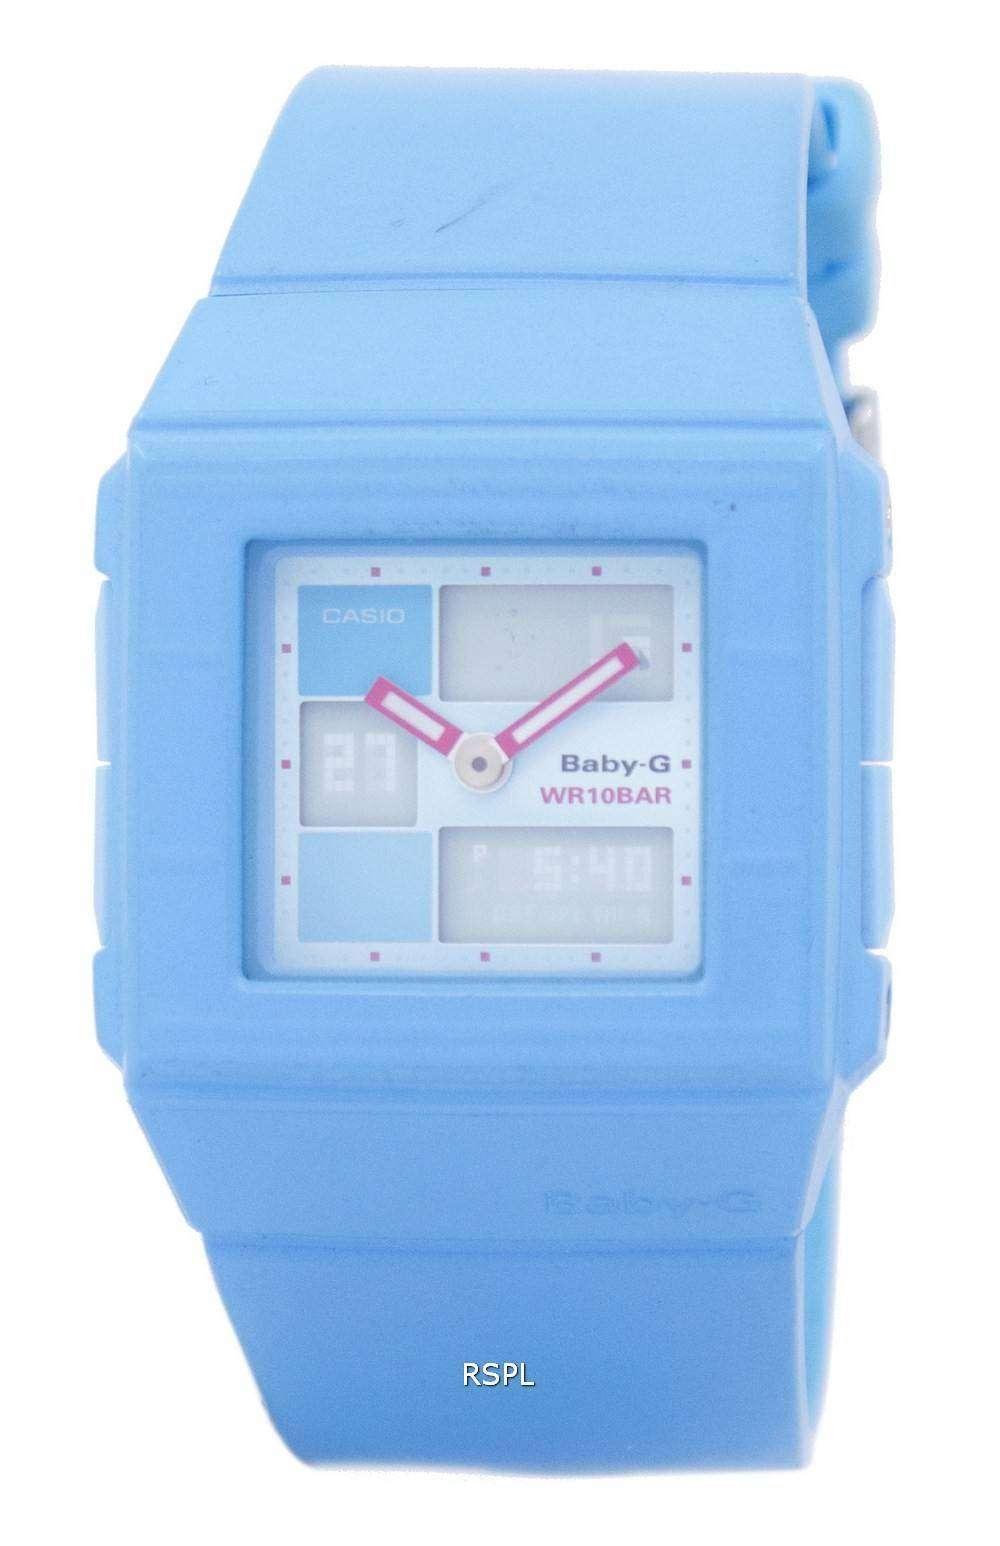 カシオ G-ショック アナログ デジタル BGA 200 2E レディース腕時計